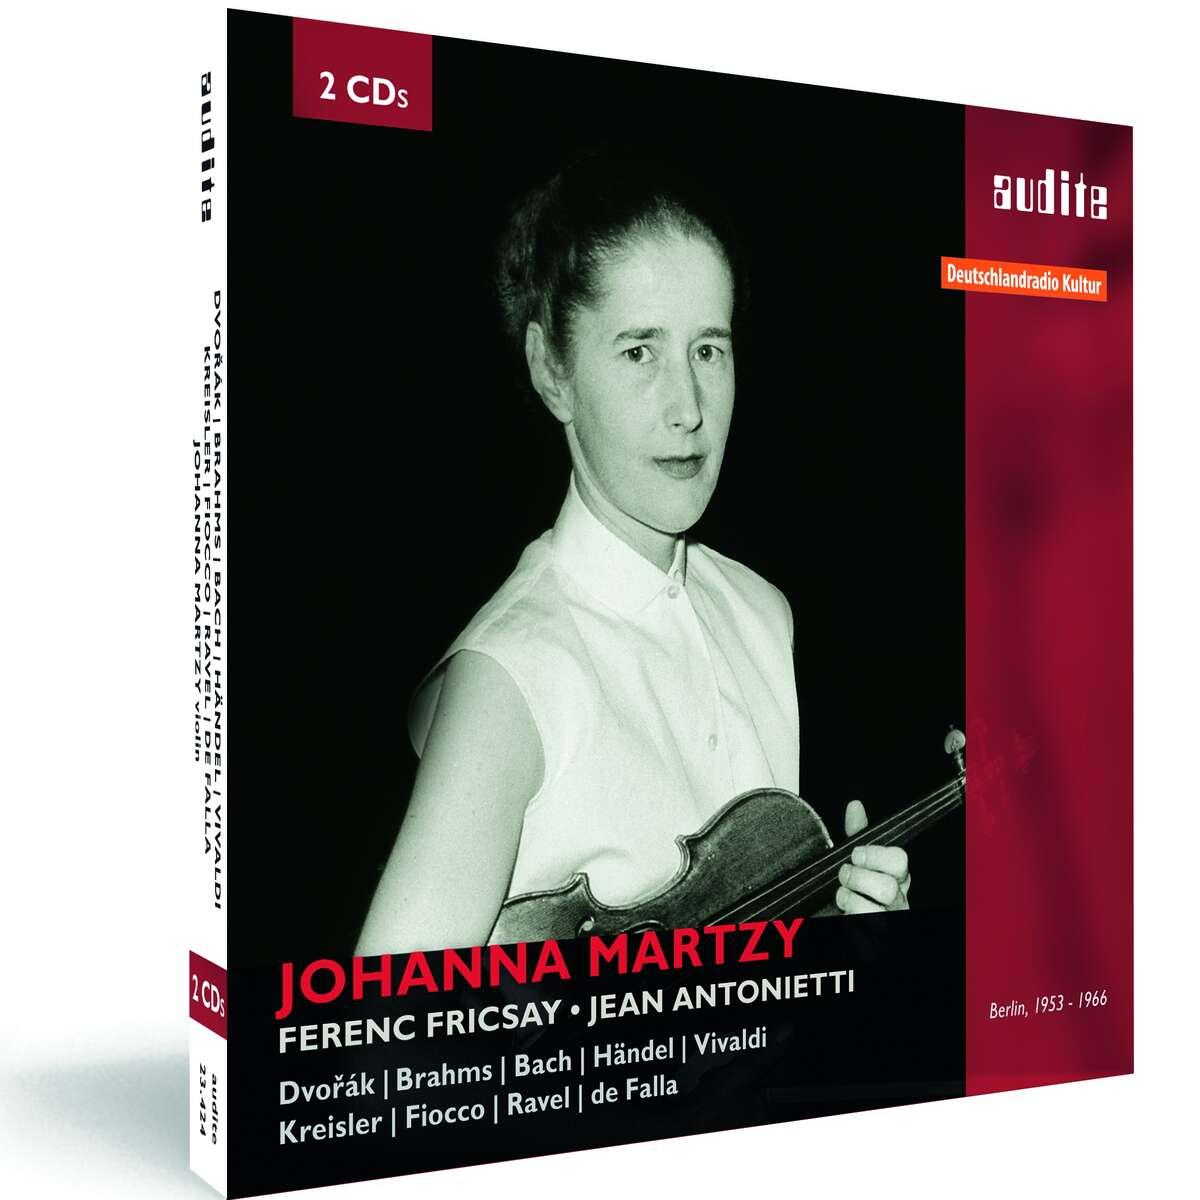 audite! - Portrait Johanna Martzy - Violin Concerto, Violin Sonatas ...